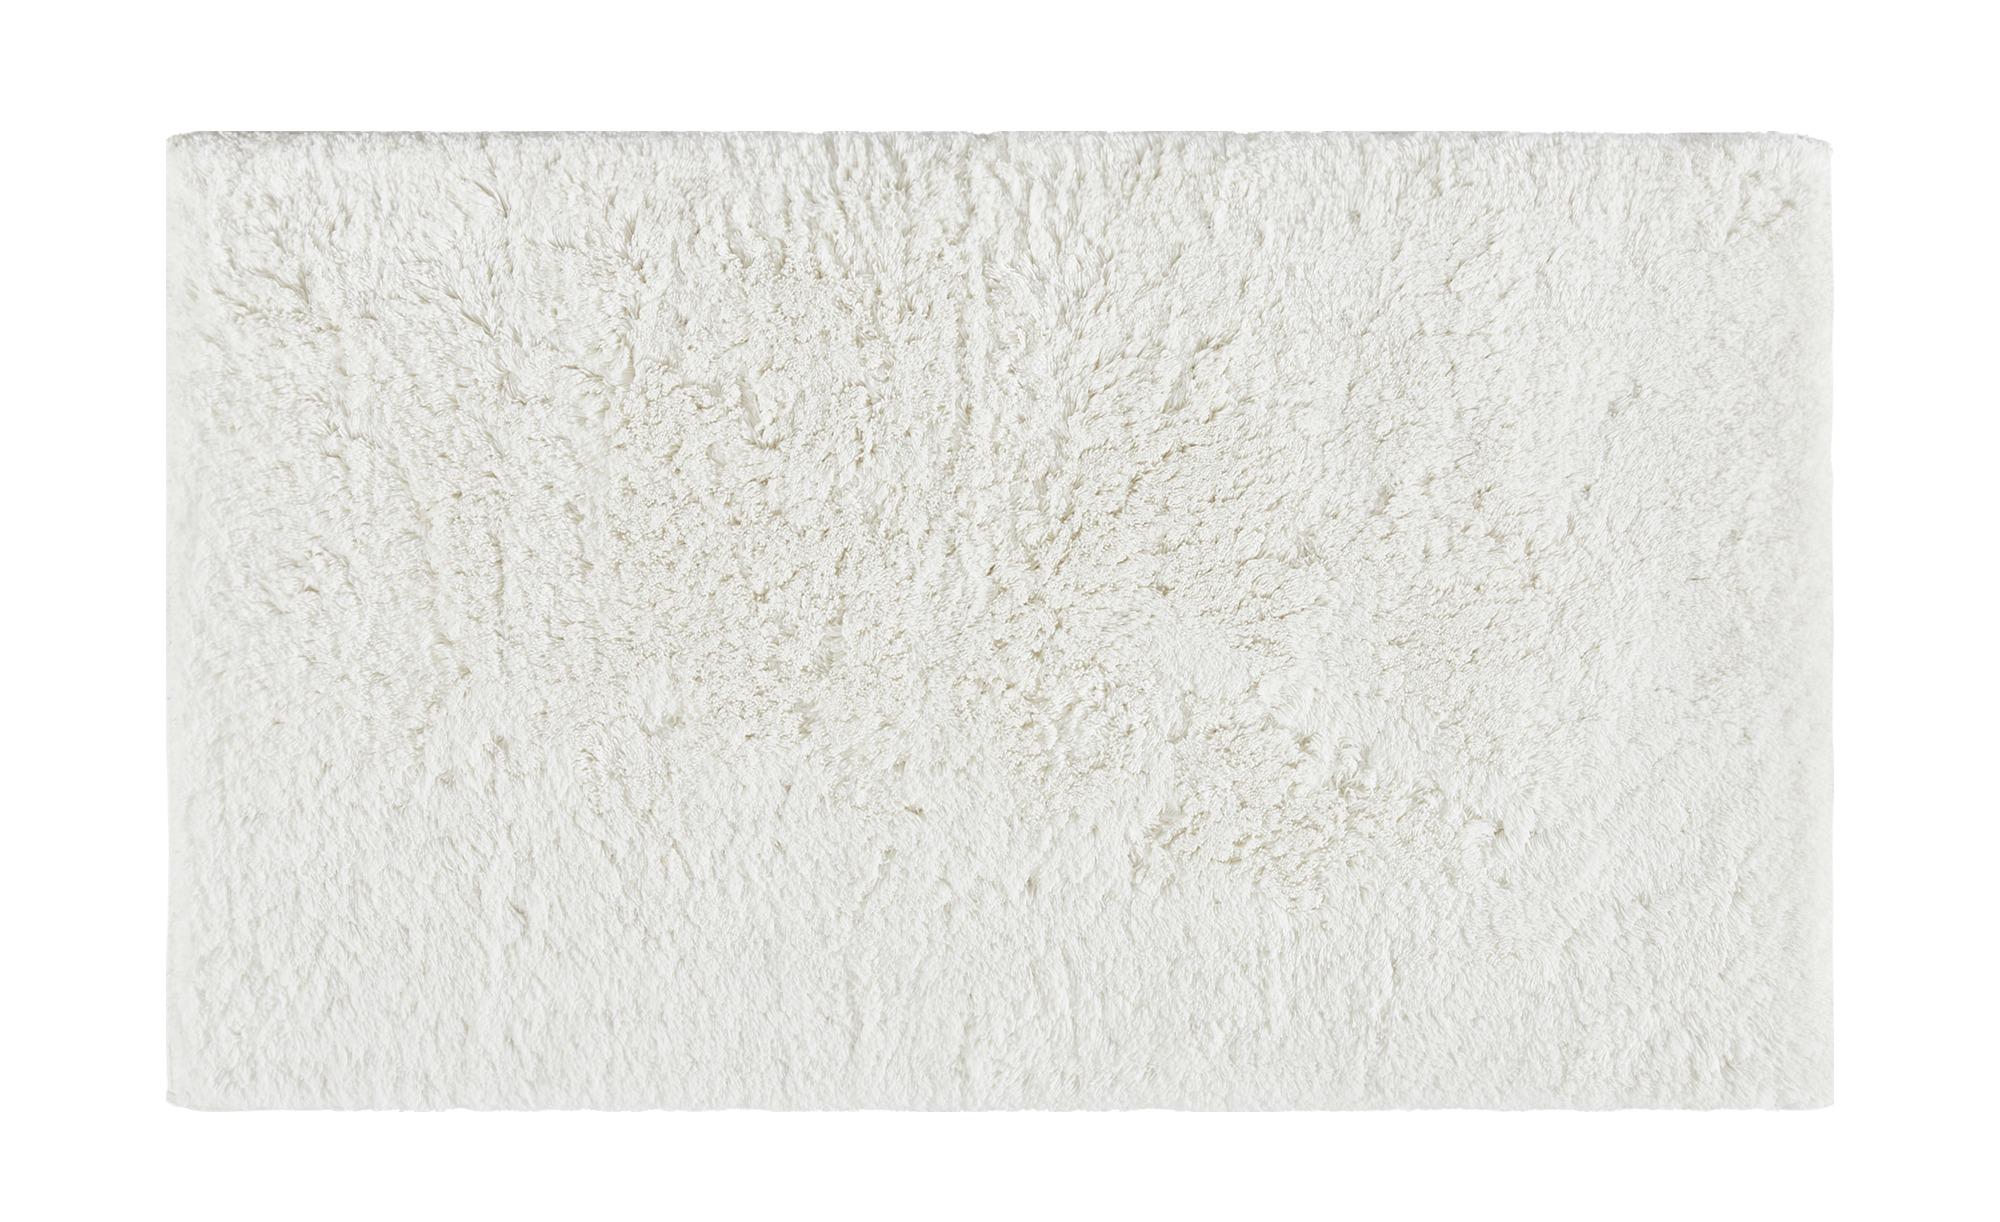 Badteppich  Wölkchen ¦ weiß ¦ reine Baumwolle ¦ Maße (cm): B: 60 Badtextilien und Zubehör > Badematten & Badvorleger - Höffner